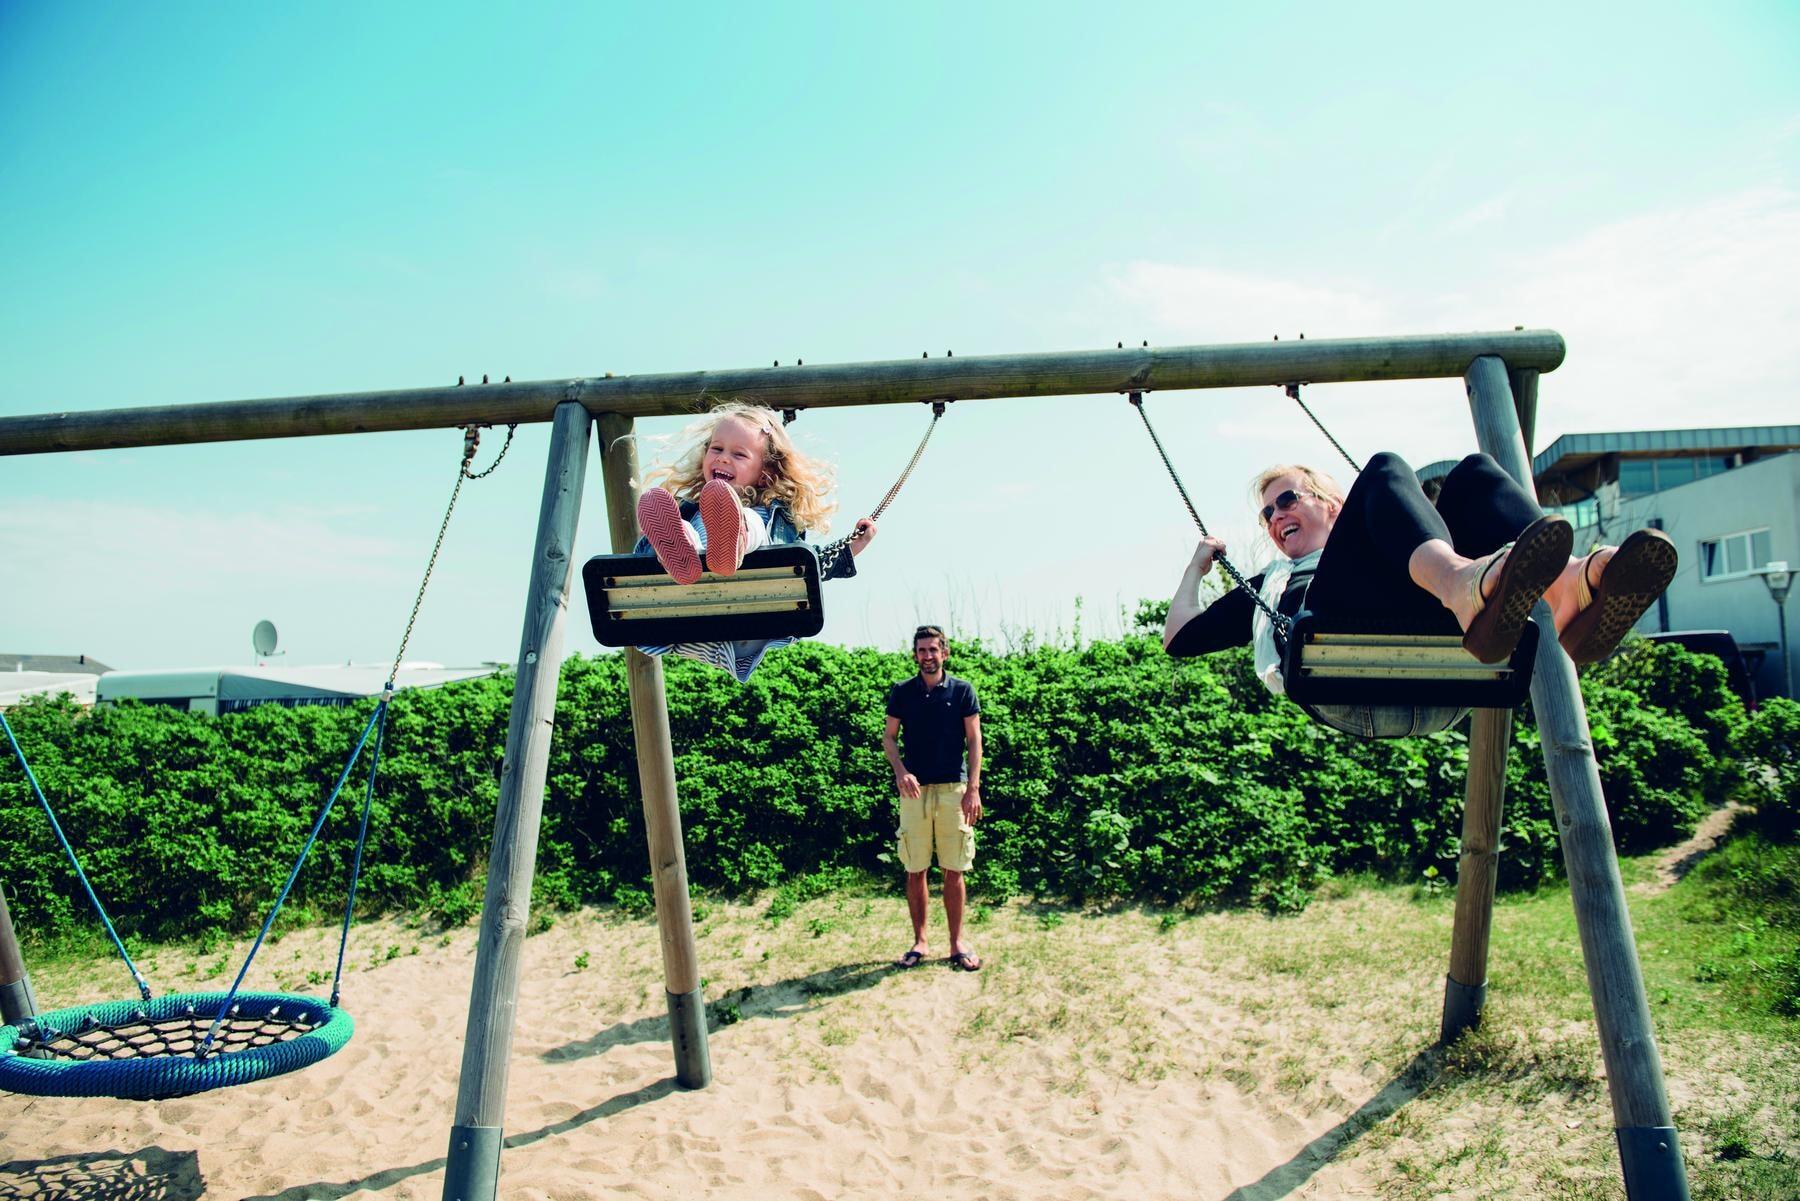 Familienspaß auf dem Spielplatz